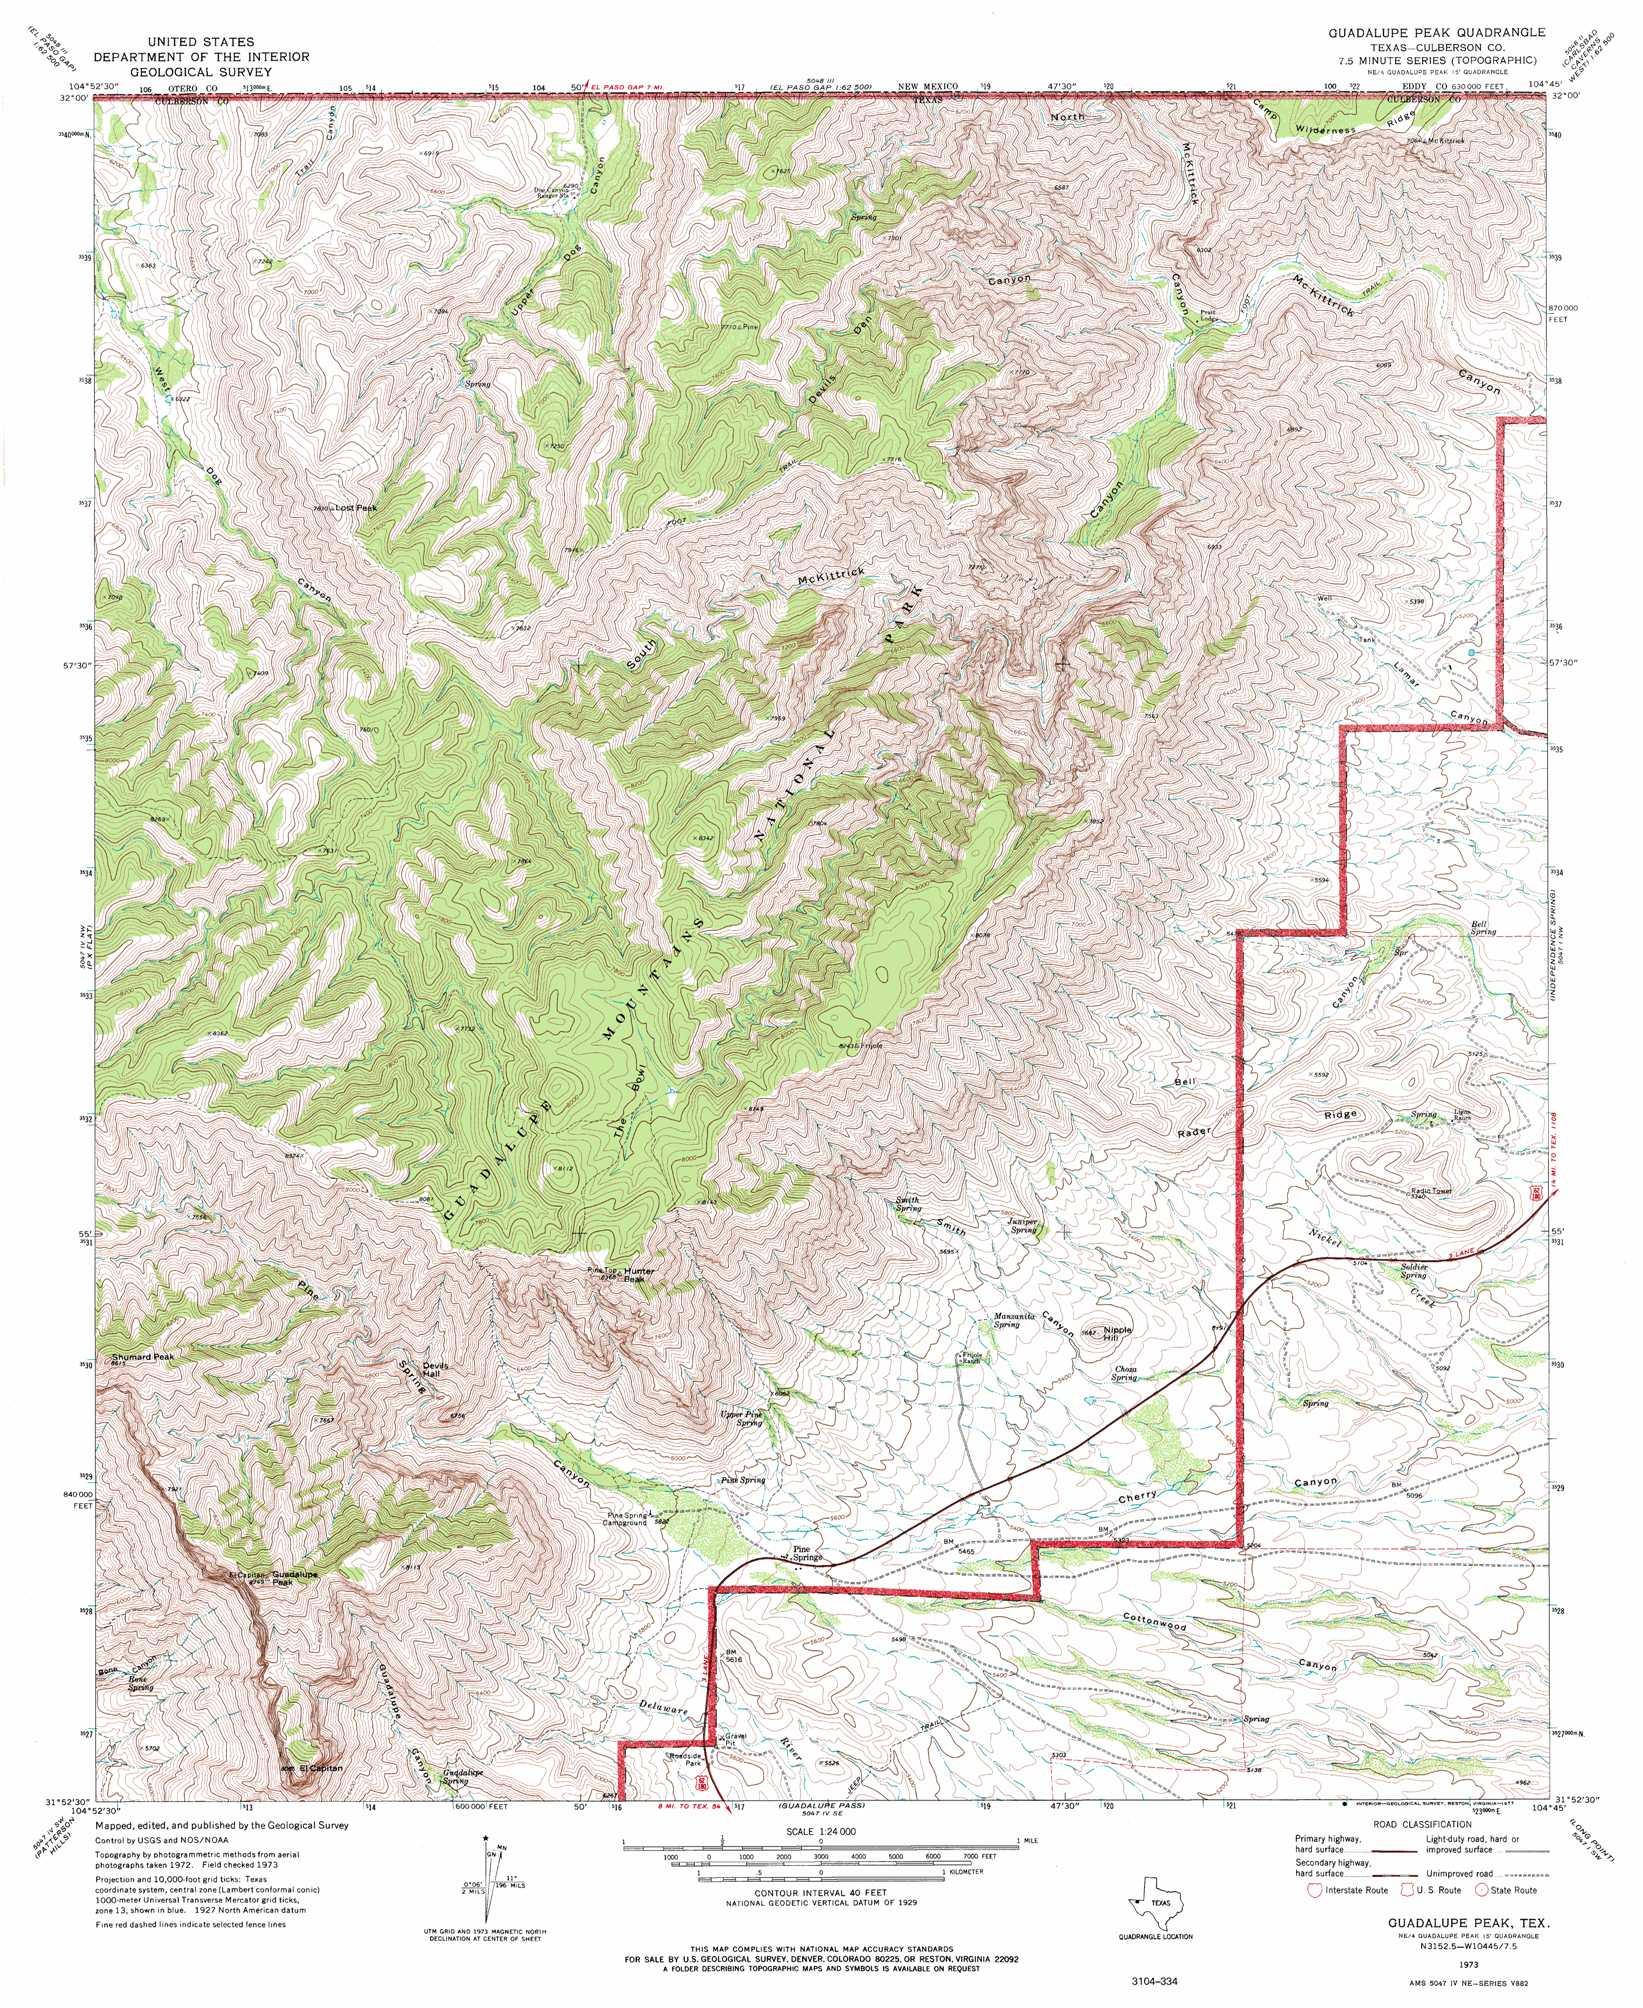 Guadalupe Peak topographic map TX USGS Topo Quad 31104h7